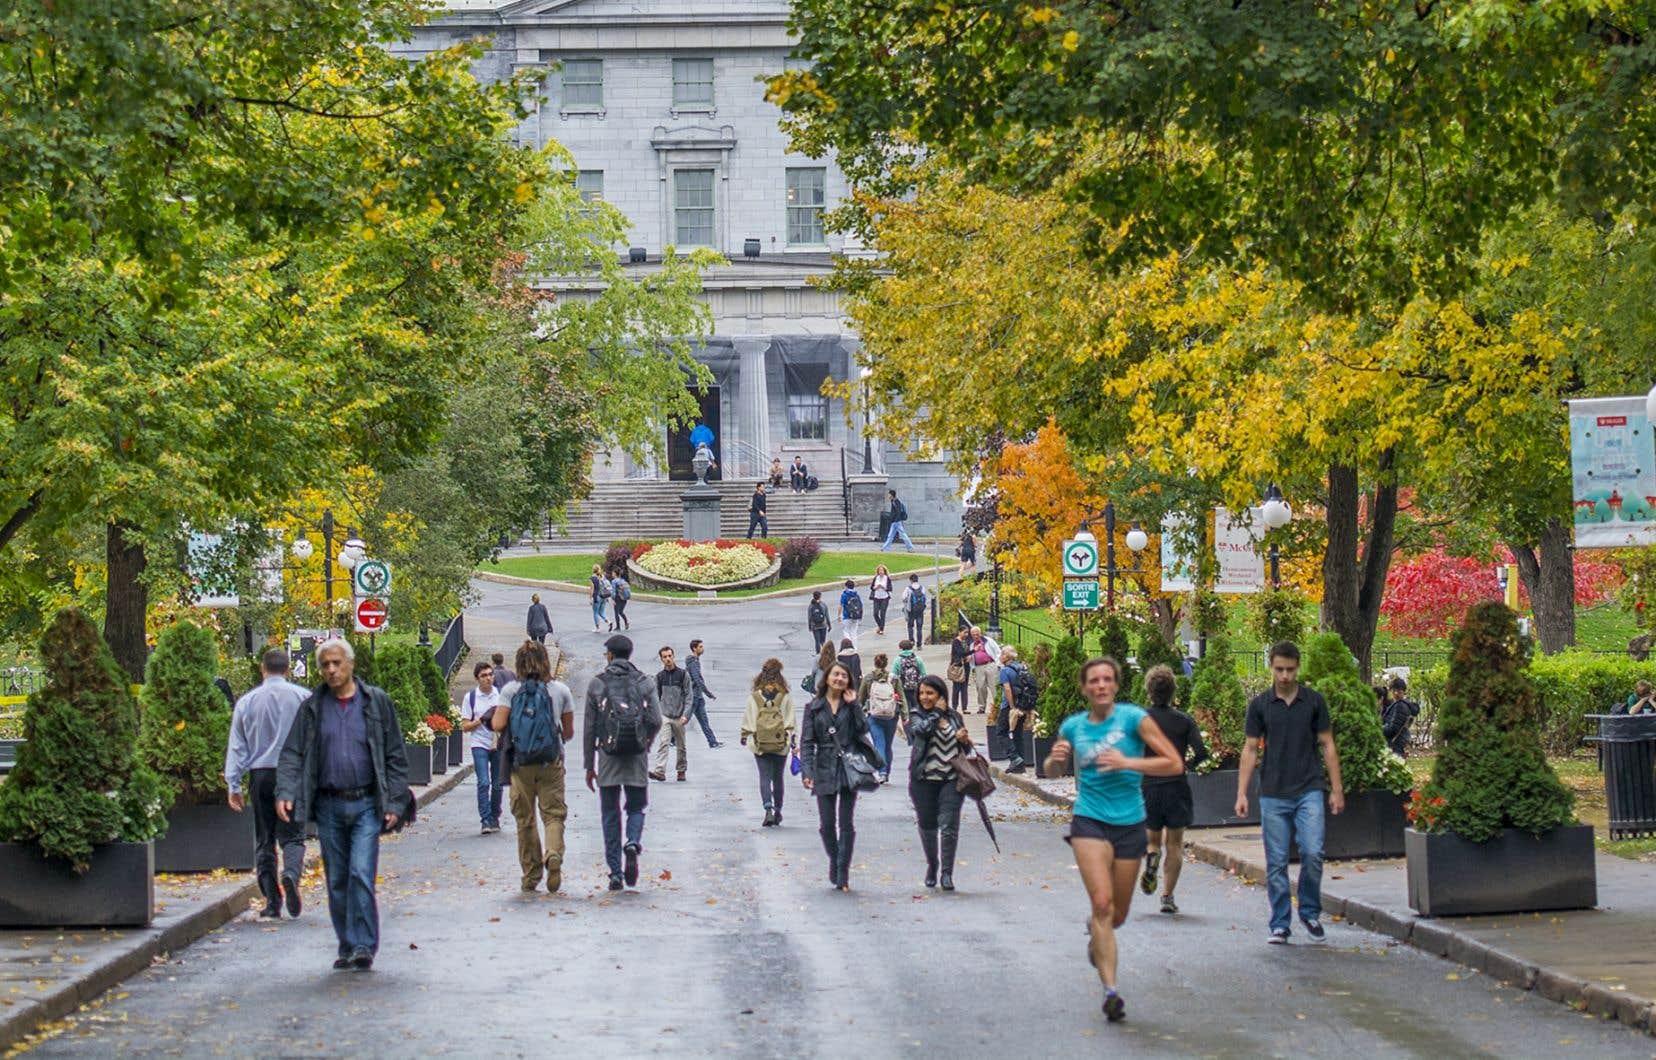 L'Université McGill, l'Université Concordia et l'Université de Montréal regroupent à elles seules plus de la moitié de l'effectif international au Québec, selon l'IRIS.